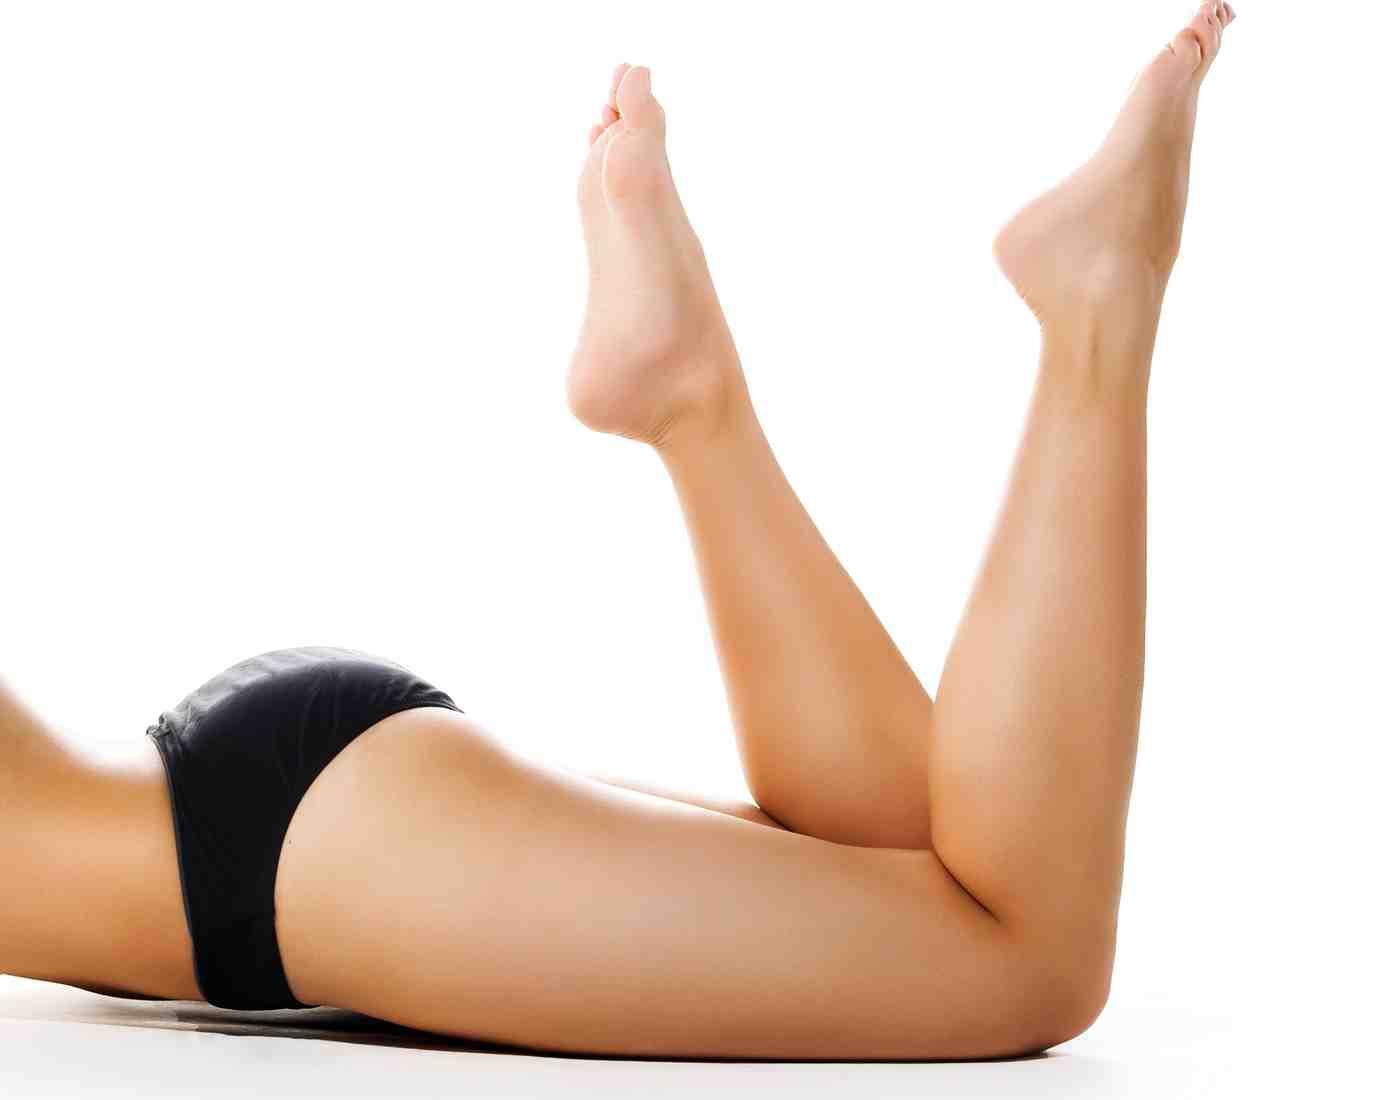 диета для стройных ног и бедер отзывы